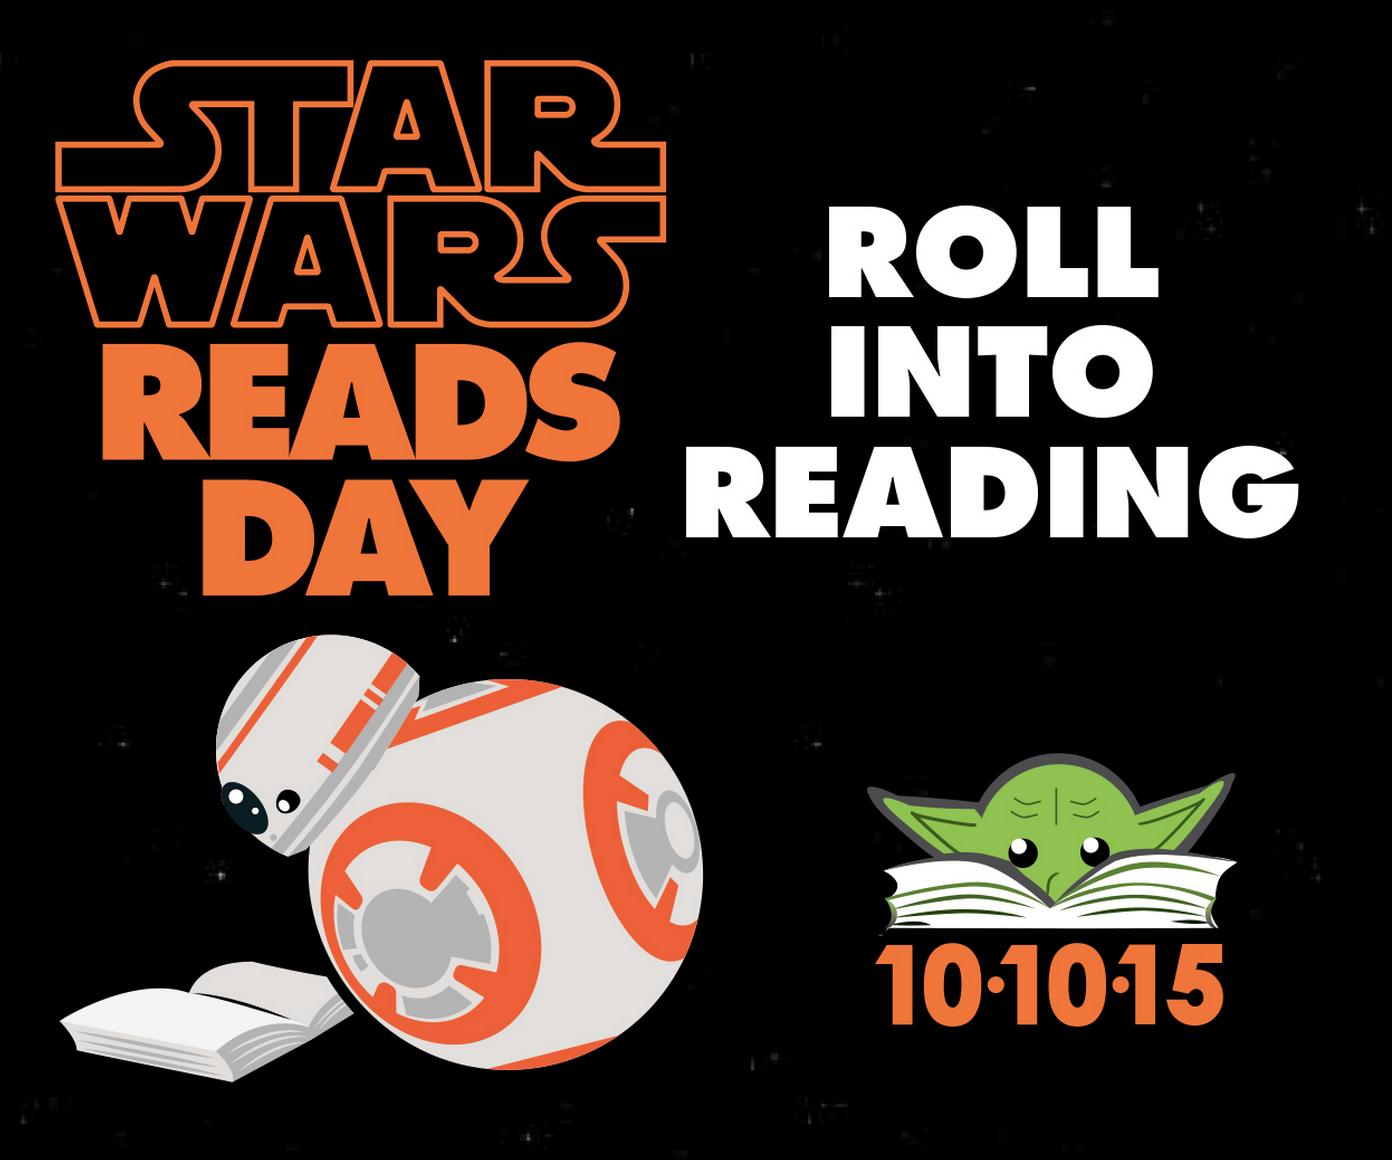 Star Wars Day: Star Wars Reads Day!